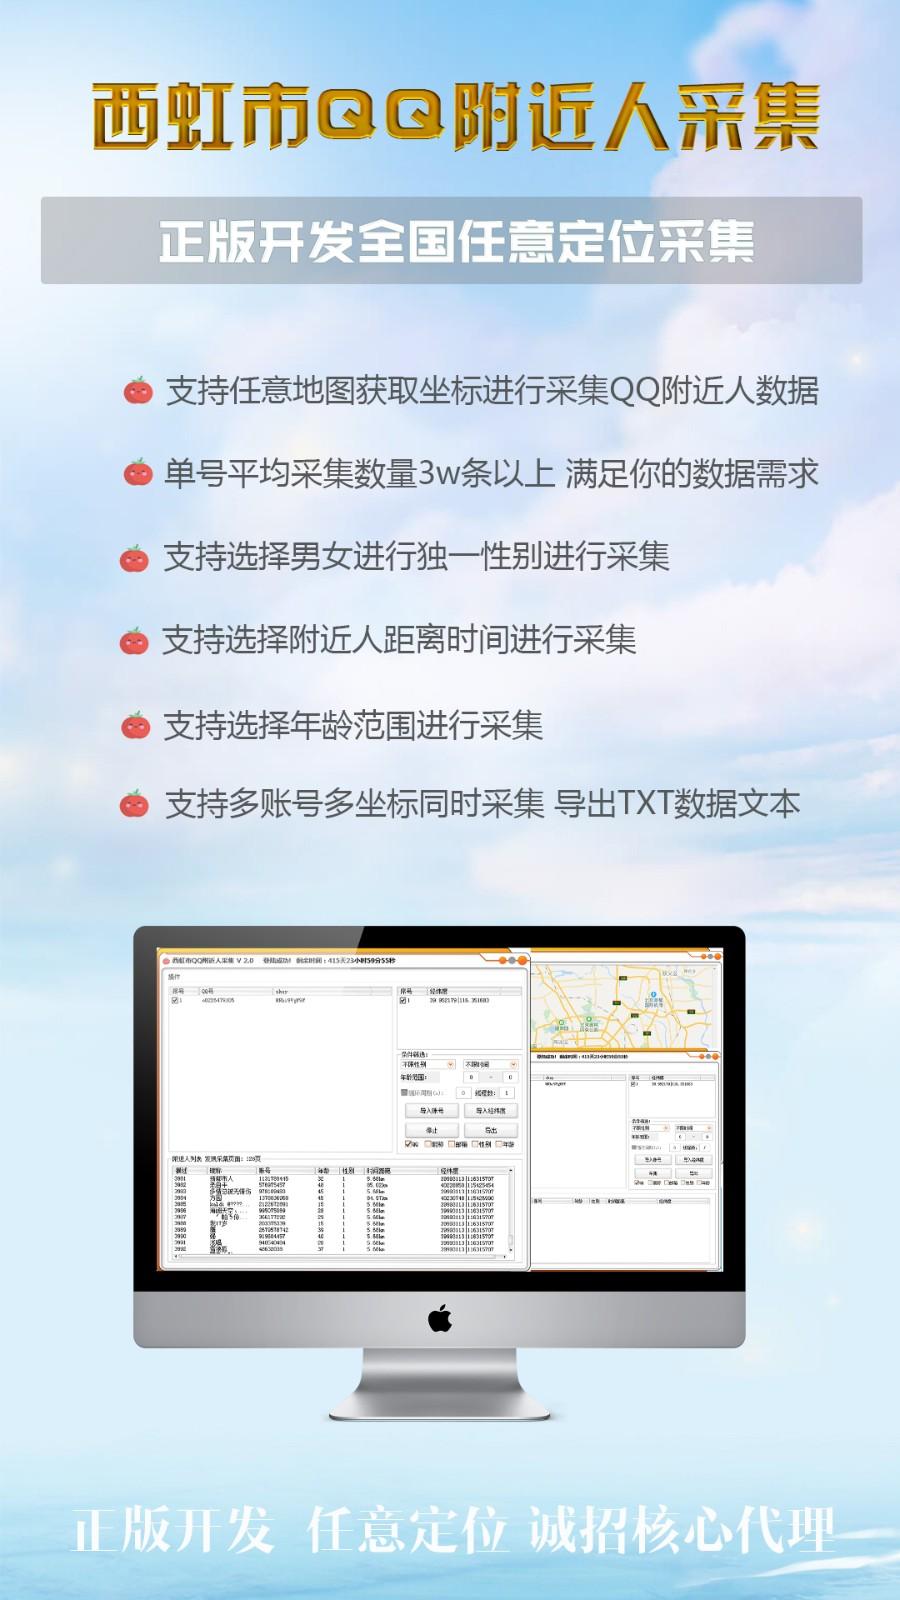 西虹市QQ附近人采集2.0正版授权-西虹市QQ附近人采集2.0激活码-